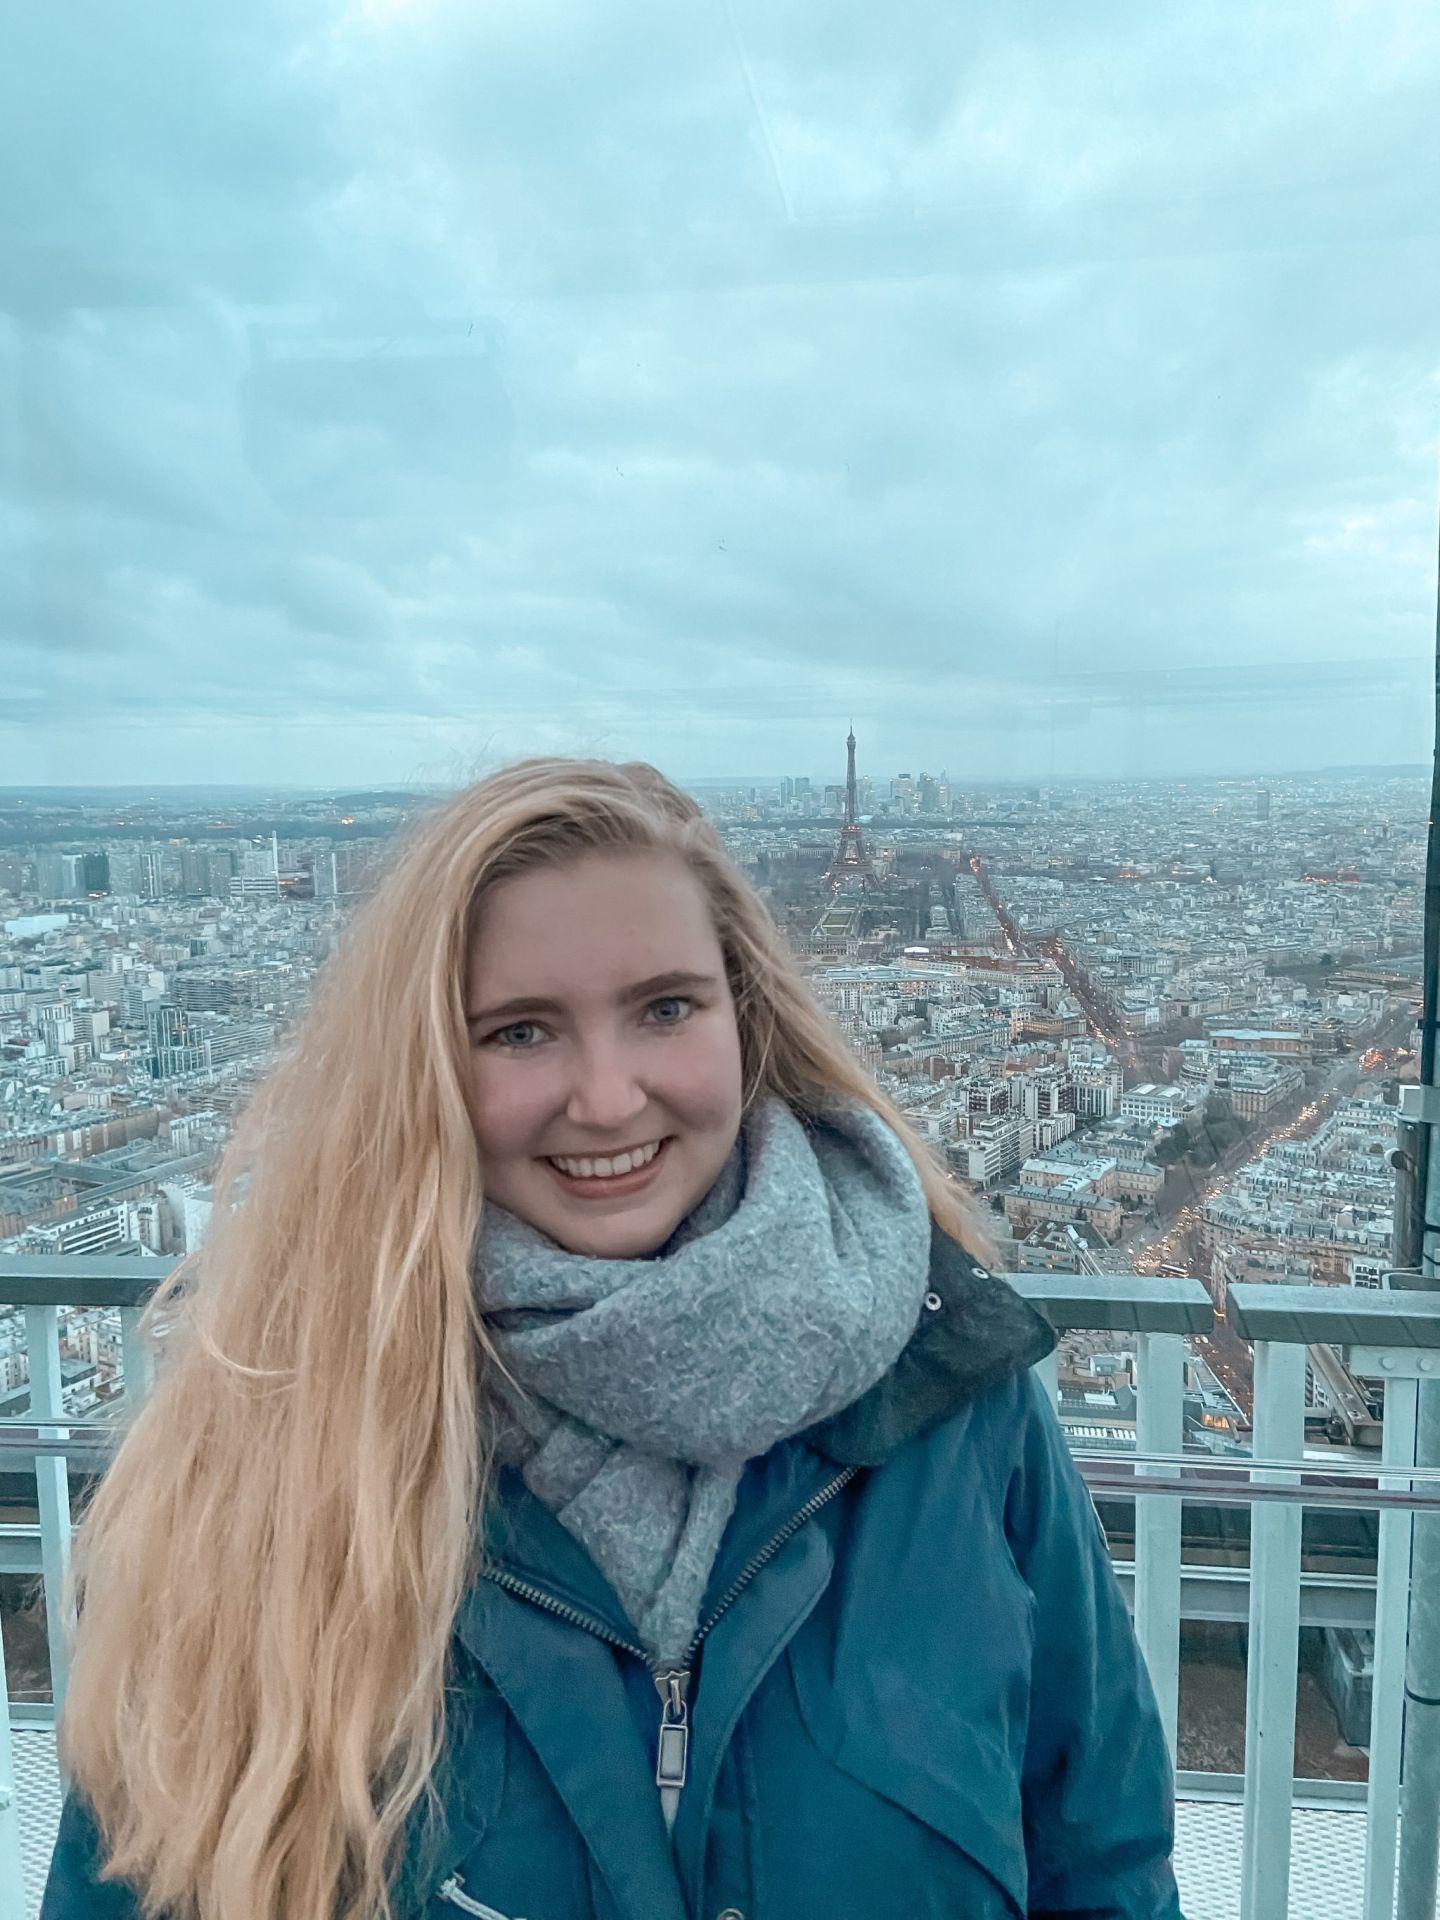 Parijs tip: beklim de Montparnasse toren